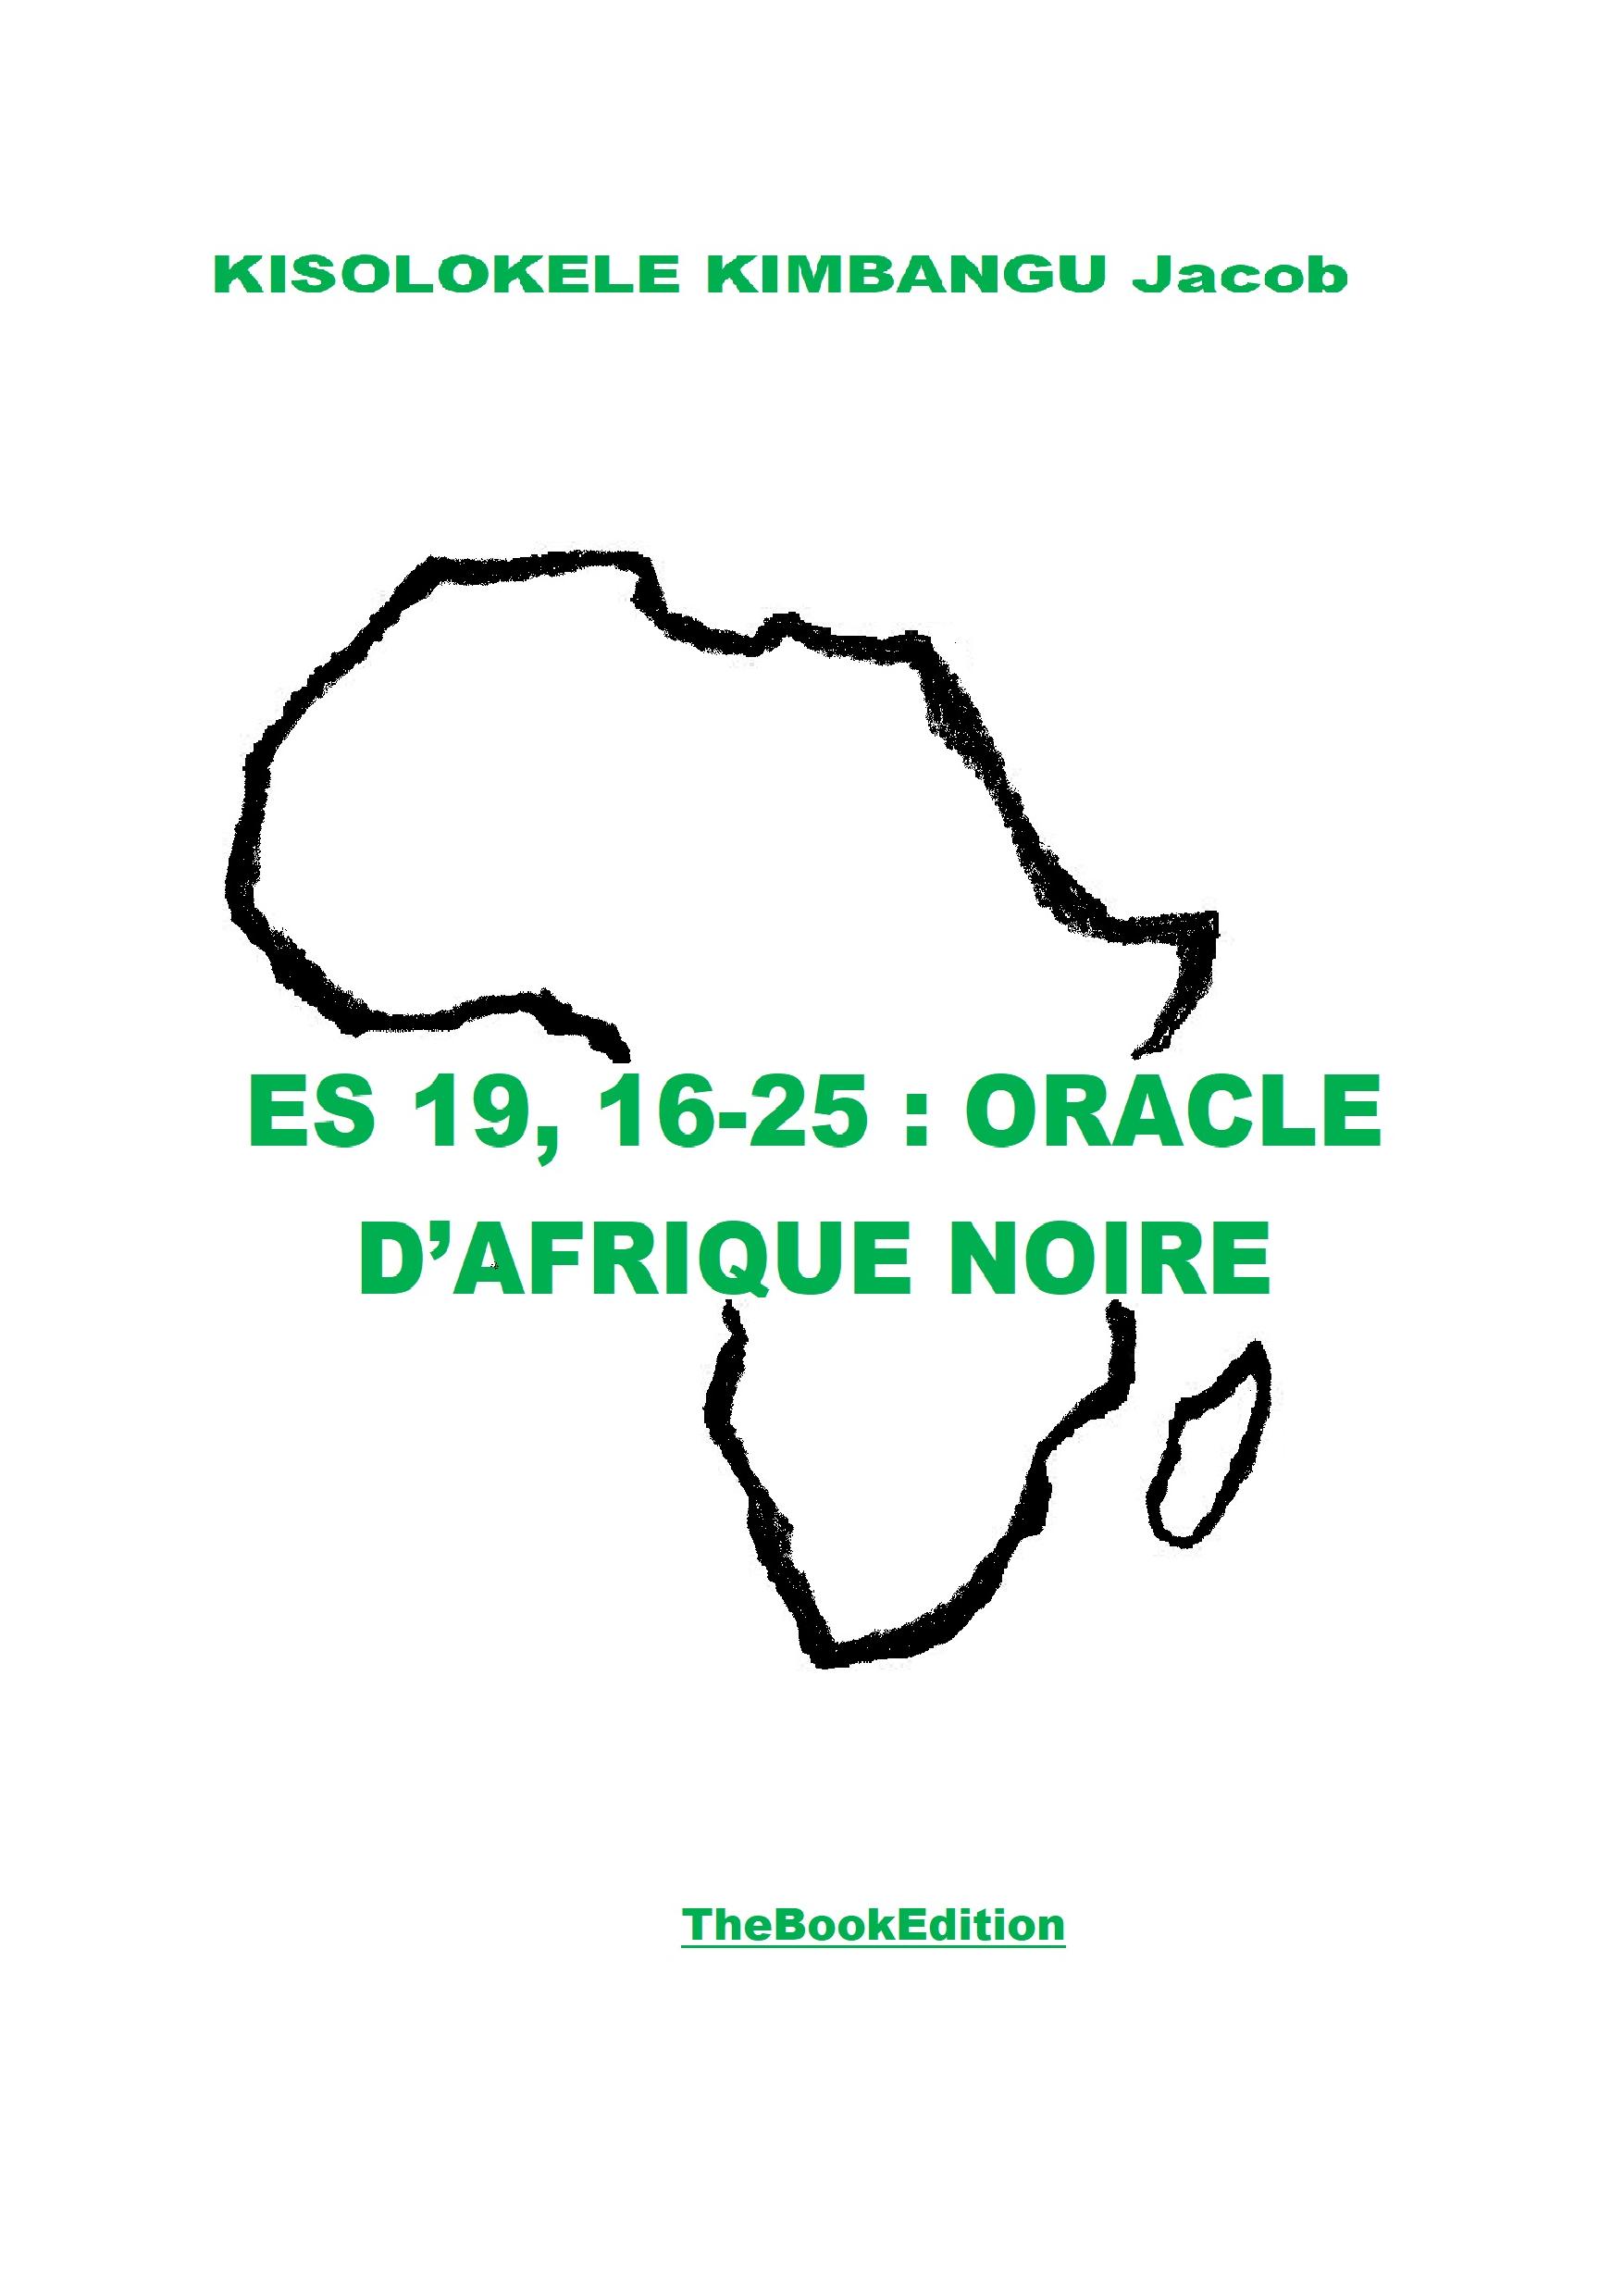 ES 19, 16-25 : ORACLE D'AFRIQUE NOIRE